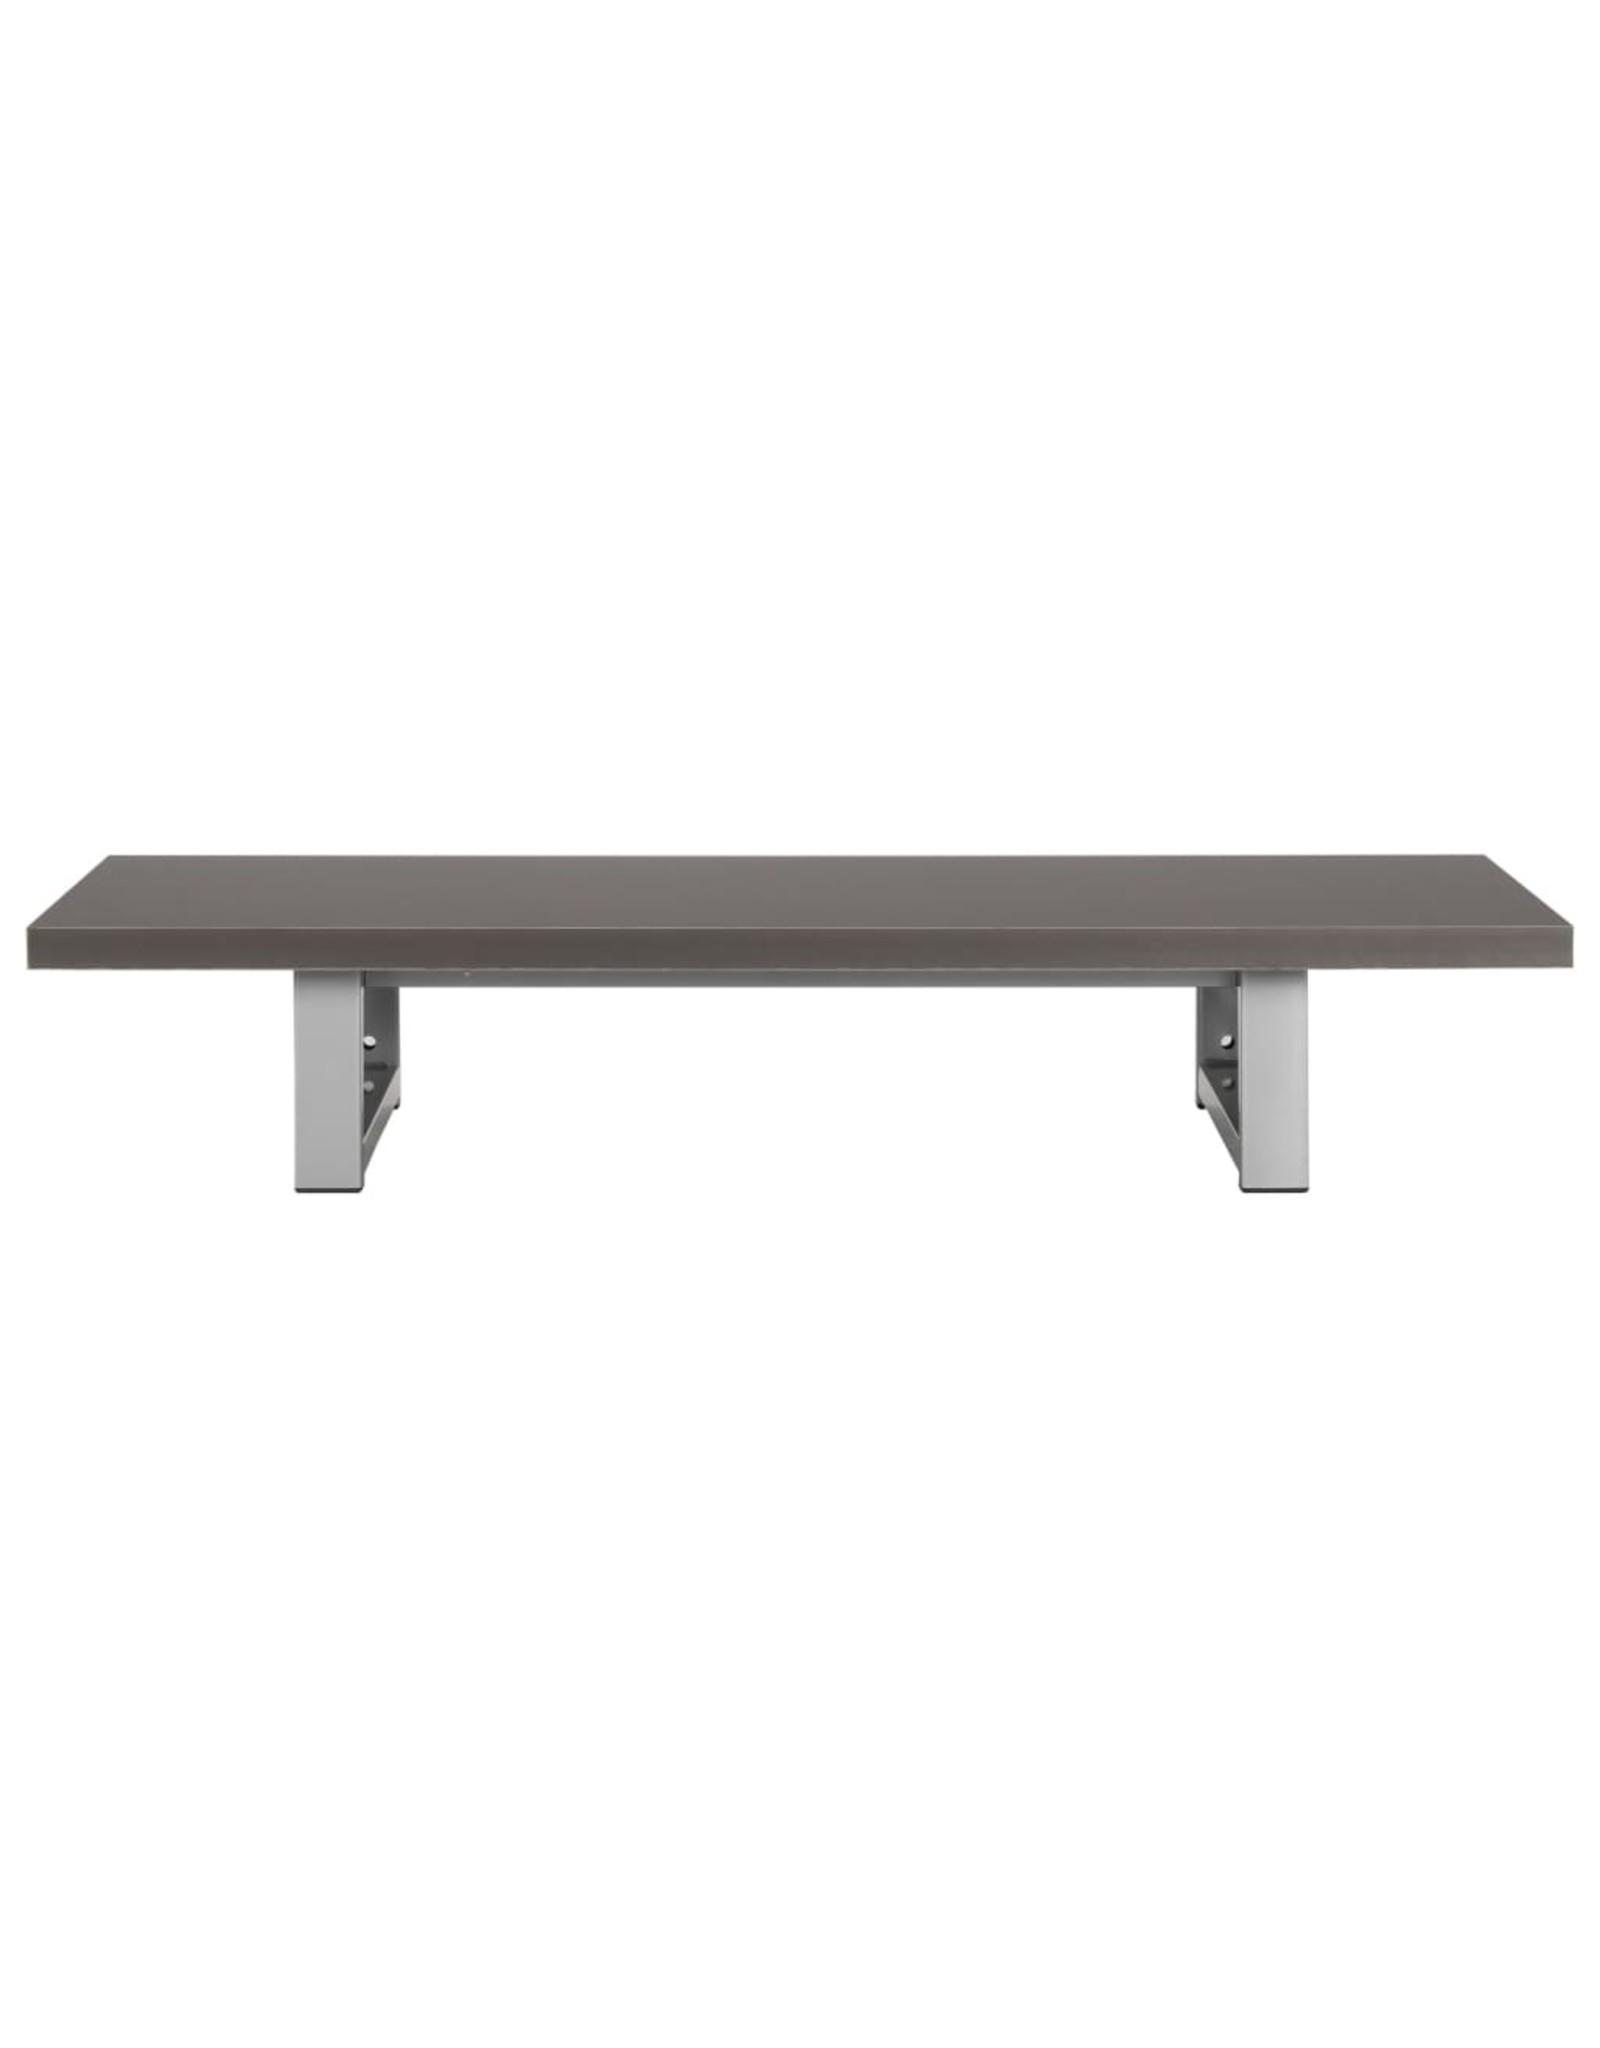 Badkamermeubel 90x40x16,3 cm grijs